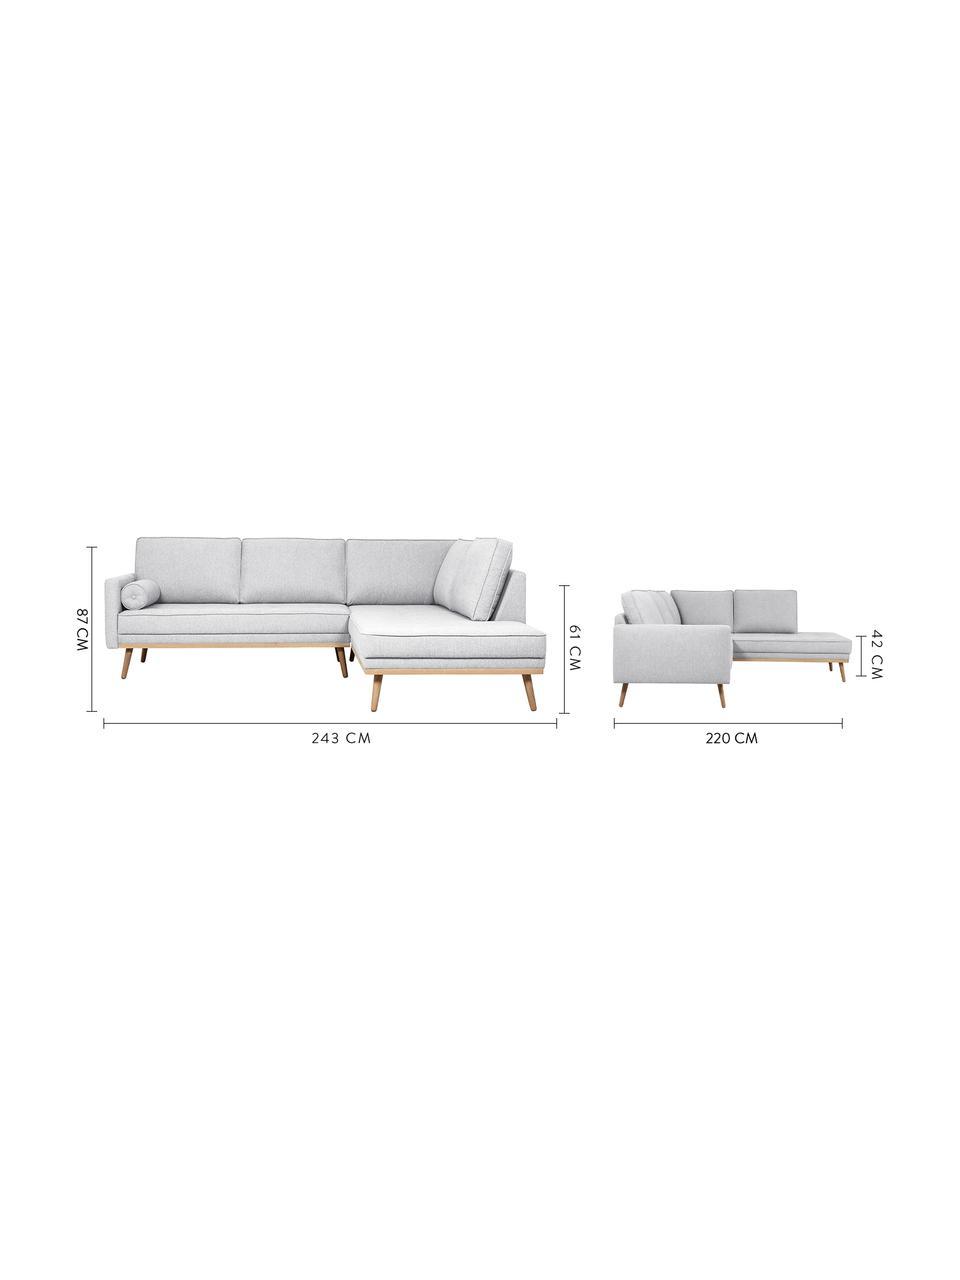 Sofa narożna z nogami z drewna dębowego Saint (3-osobowa), Tapicerka: poliester Dzięki tkaninie, Jasny szary, S 243 x G 220 cm